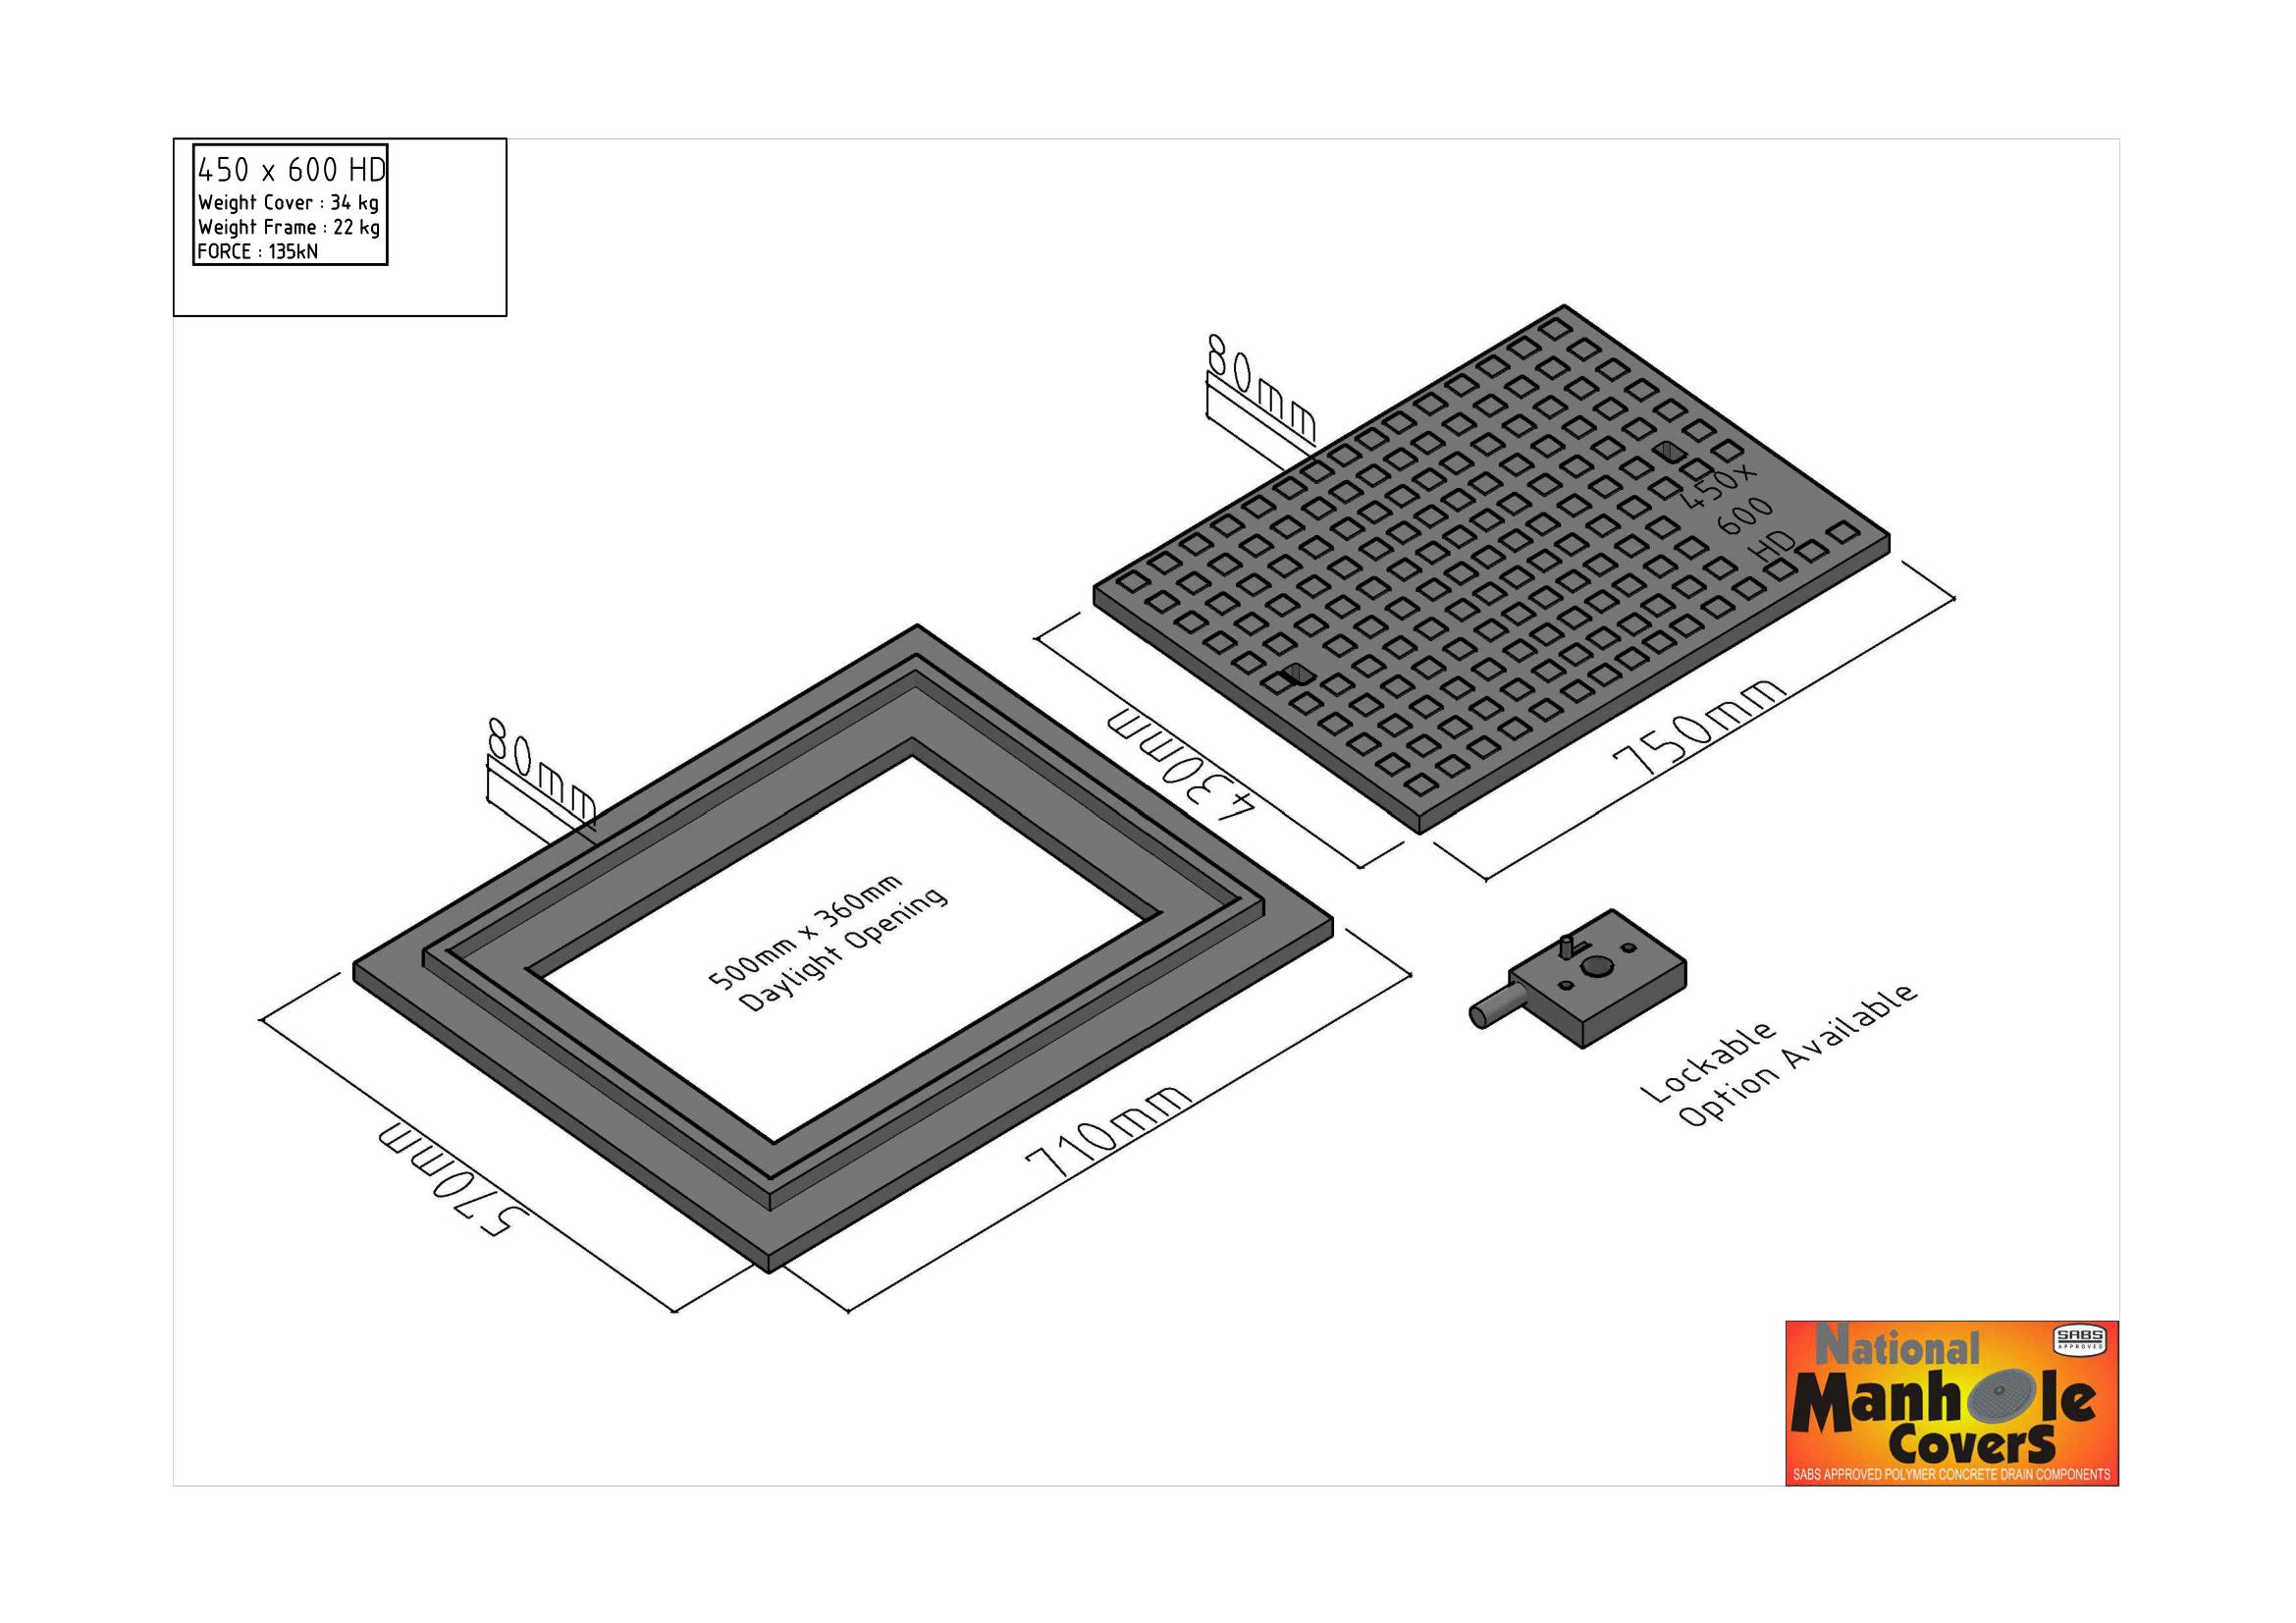 450x600 HD